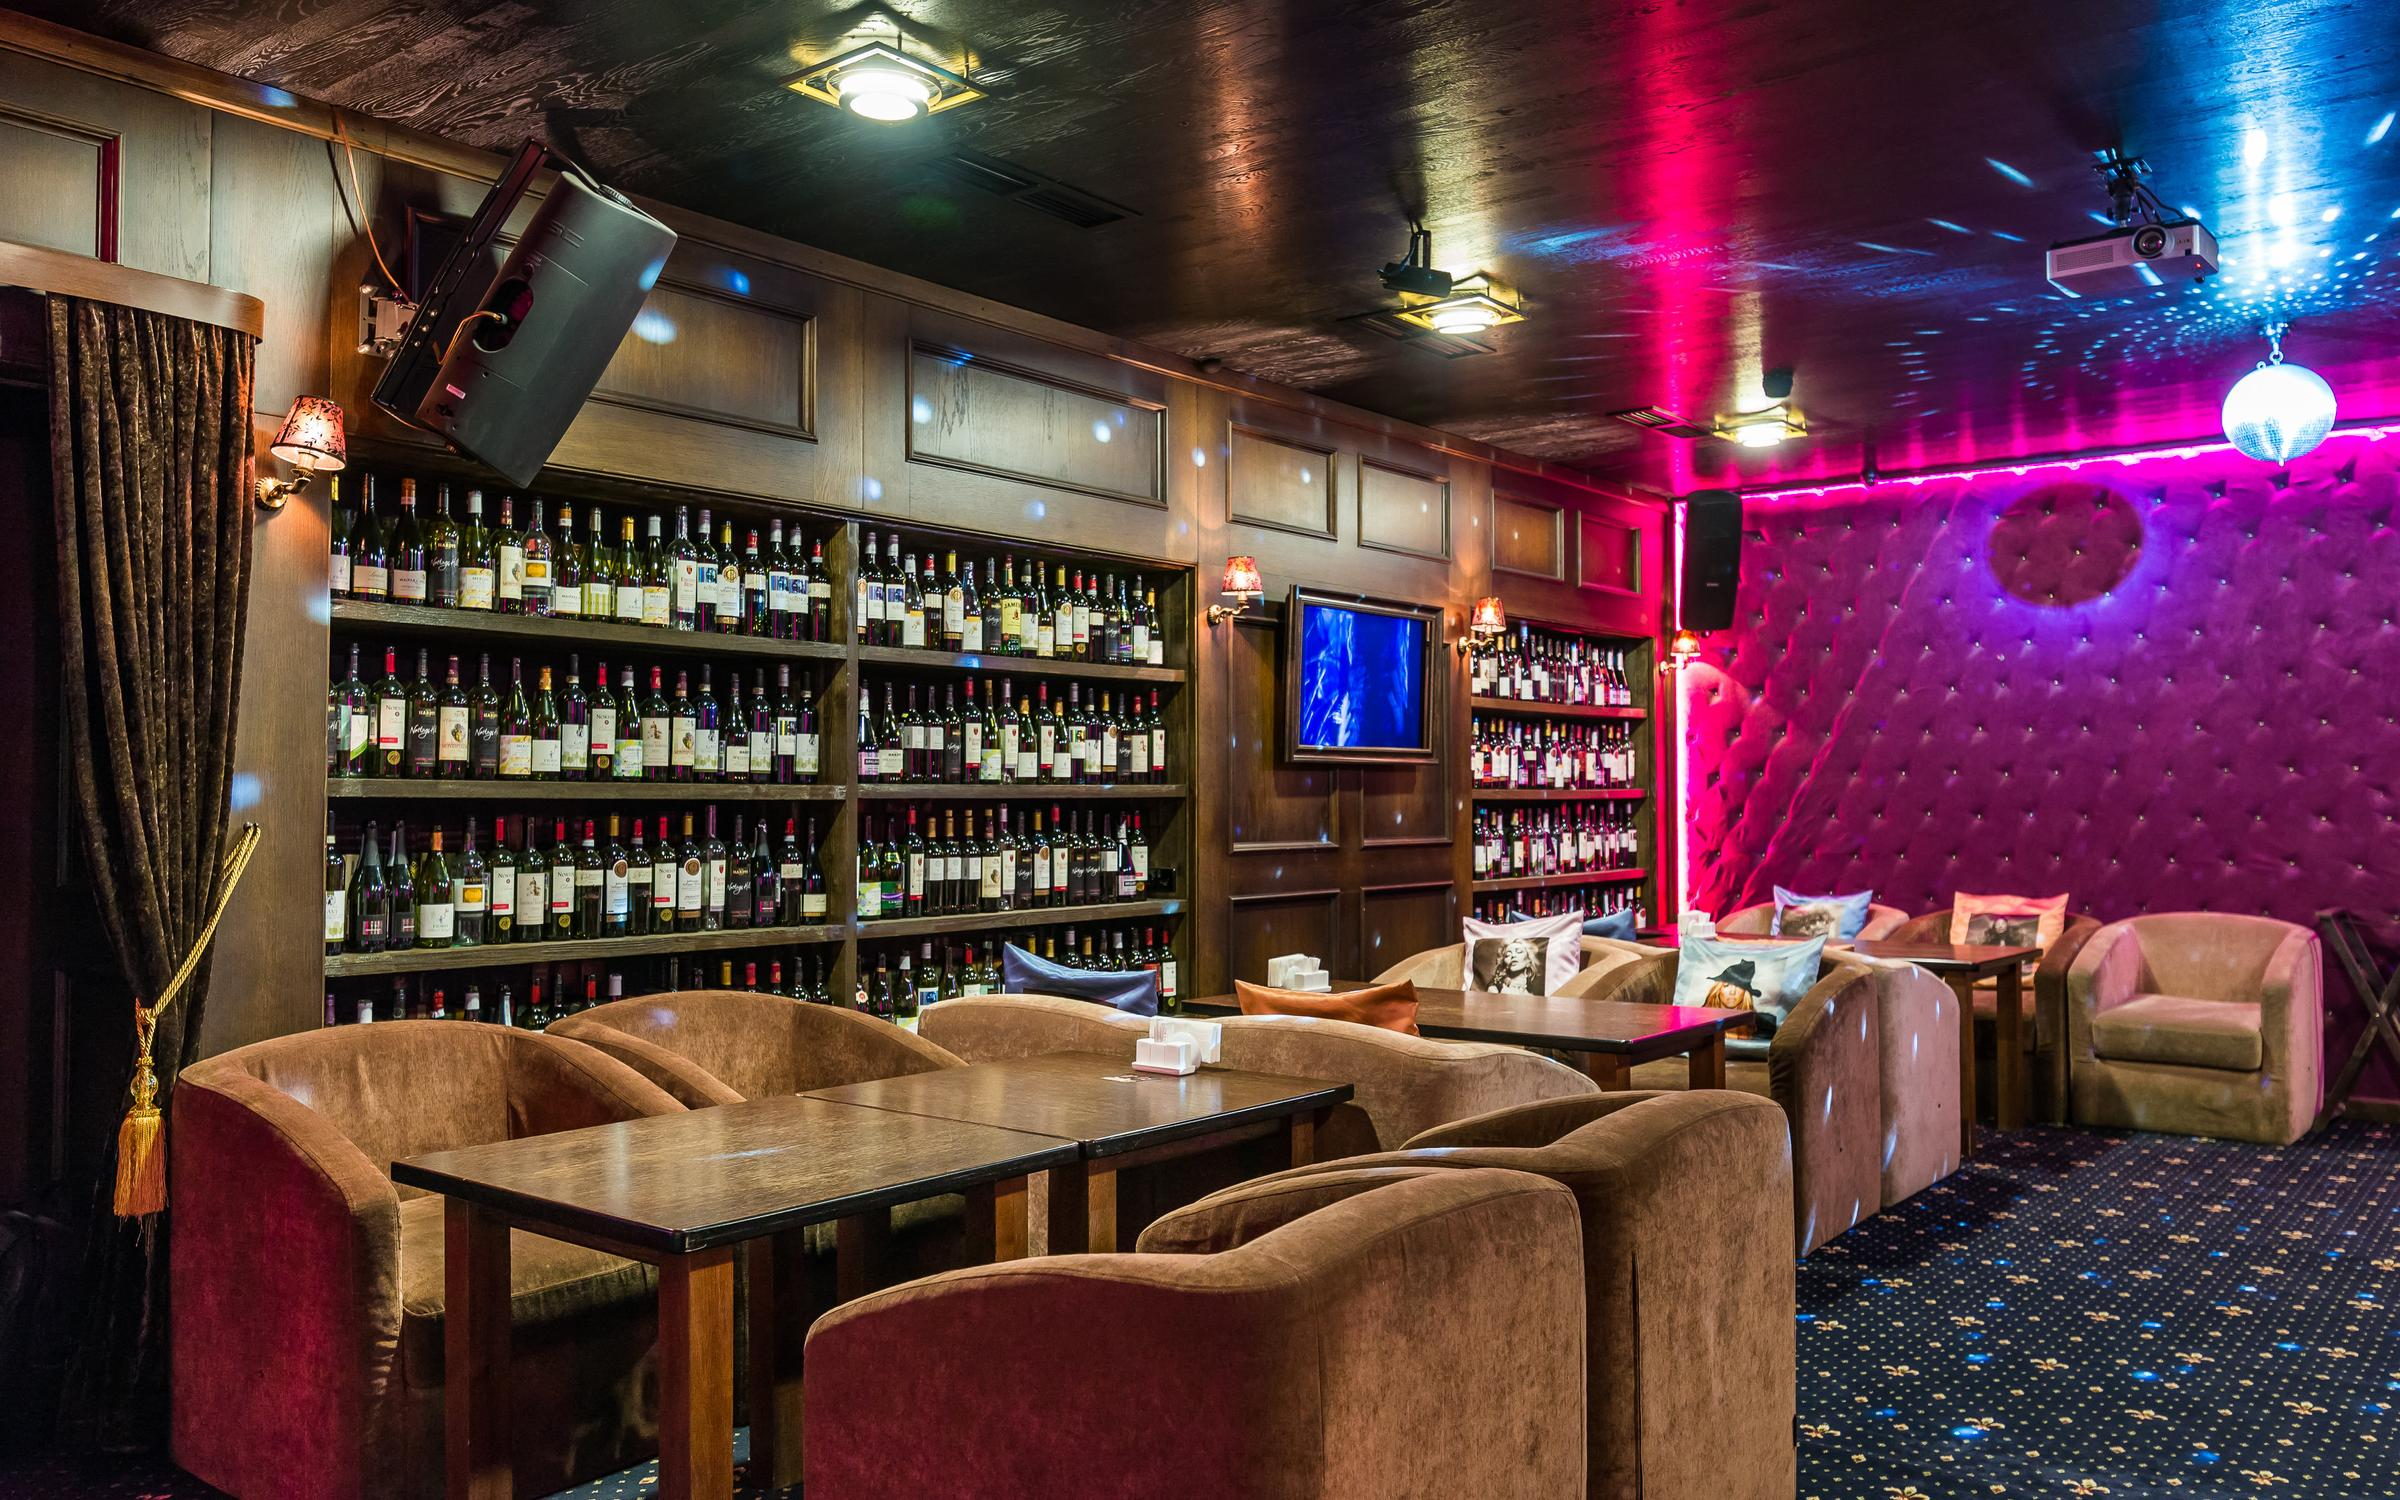 Ресторан Урюк на Кутузовском проспекте - отзывы, фото